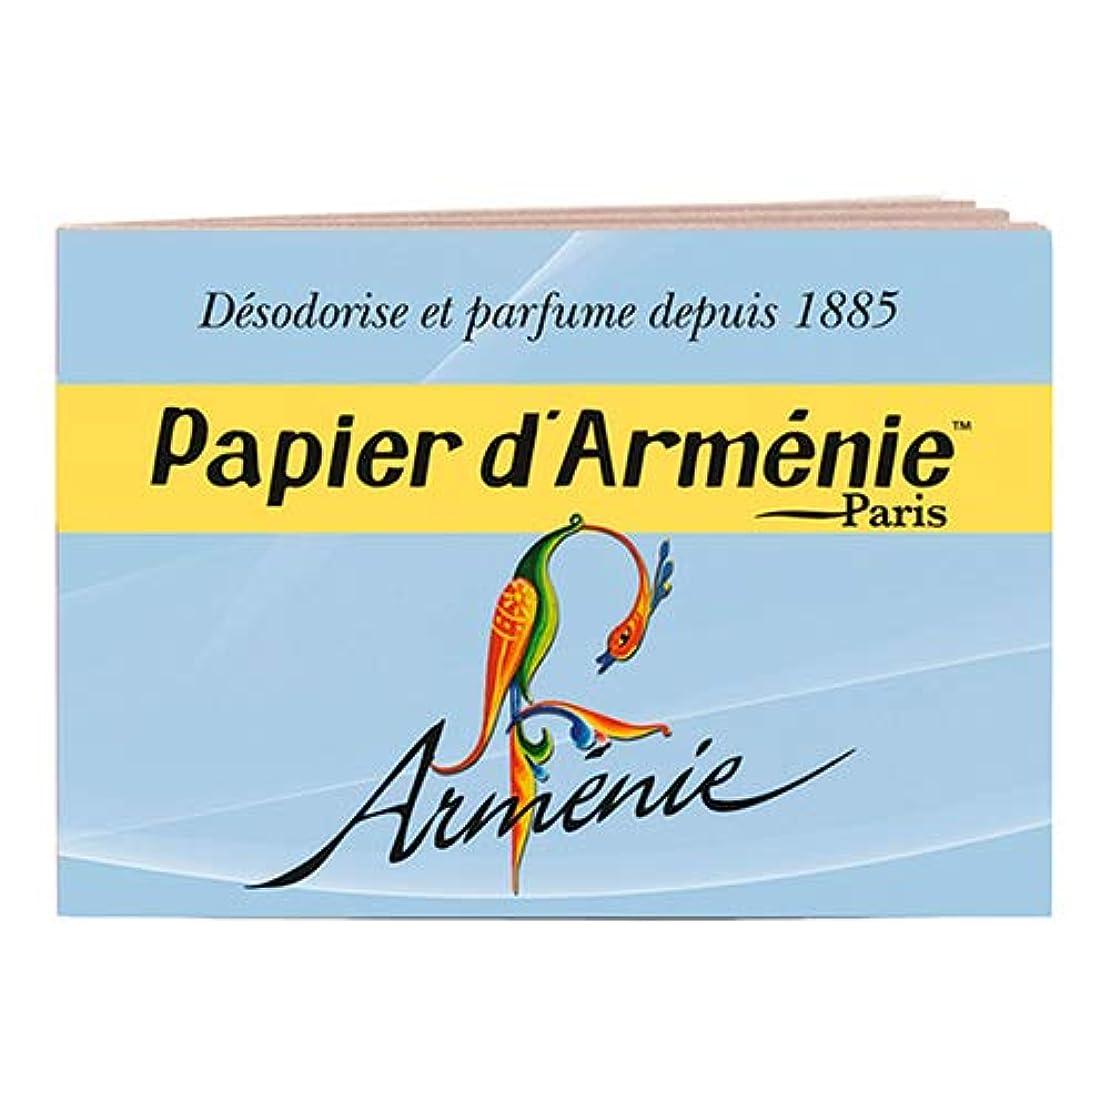 有用海里ちょっと待って【パピエダルメニイ】トリプル 3×12枚(36回分) アルメニイ 紙のお香 インセンス アロマペーパー PAPIER D'ARMENIE [並行輸入品]